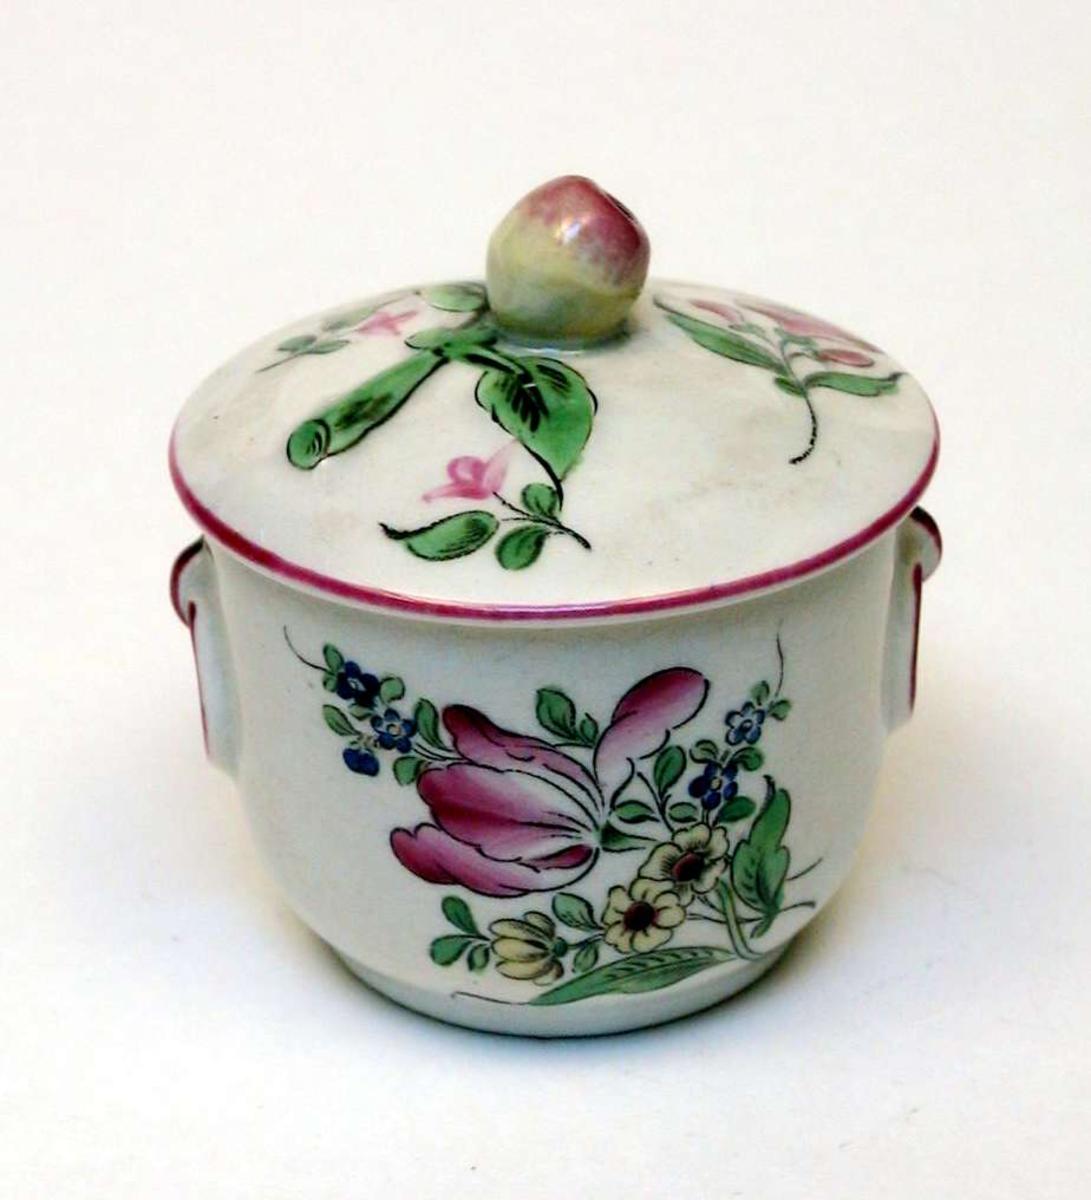 Krukke med lokk i kremfarget keramikk og med blomsterdekor. Den er stemplet Demi-porcelaine, Luneville, France, med bokstavene K og G rundt en krone.